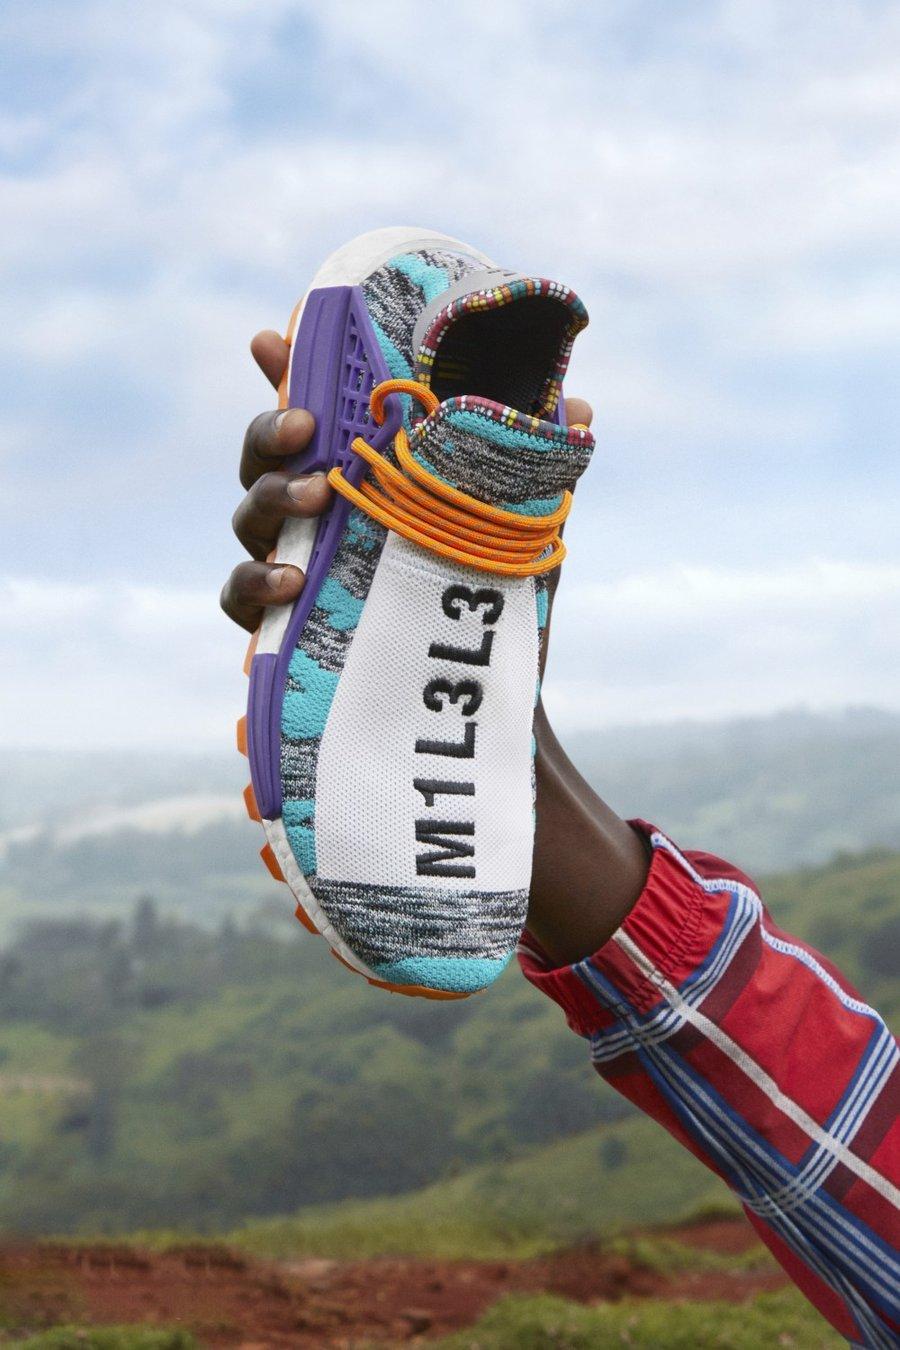 """在我们报道多次之后,adidas Originals 与 Pharrell Williams 联手打造的全新 """"SOLARHU"""" 系列终于正式揭开神祕面纱。 这一次 Pharrell 的灵感来自于他的东非之旅,从当地文化中并被他视为 """"冥想方式"""" 的跑步运动汲取灵感,再通过极具民族风格的多彩色调进行表达。  其中三双 Hu NMD 均采用带有独特条纹的撞色 Primeknit 鞋身,鞋面分别饰以结合数字的 """"MOTHER"""" 和 &l"""